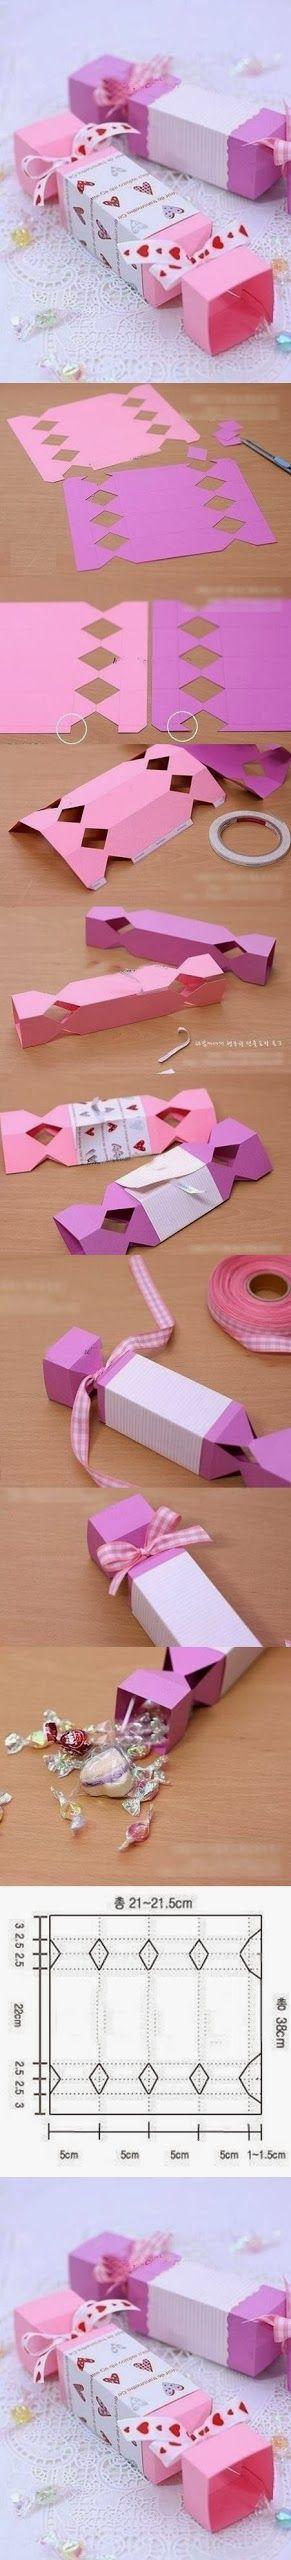 DIY : Cute Candy Gift Box | DIY & Crafts Tutorials